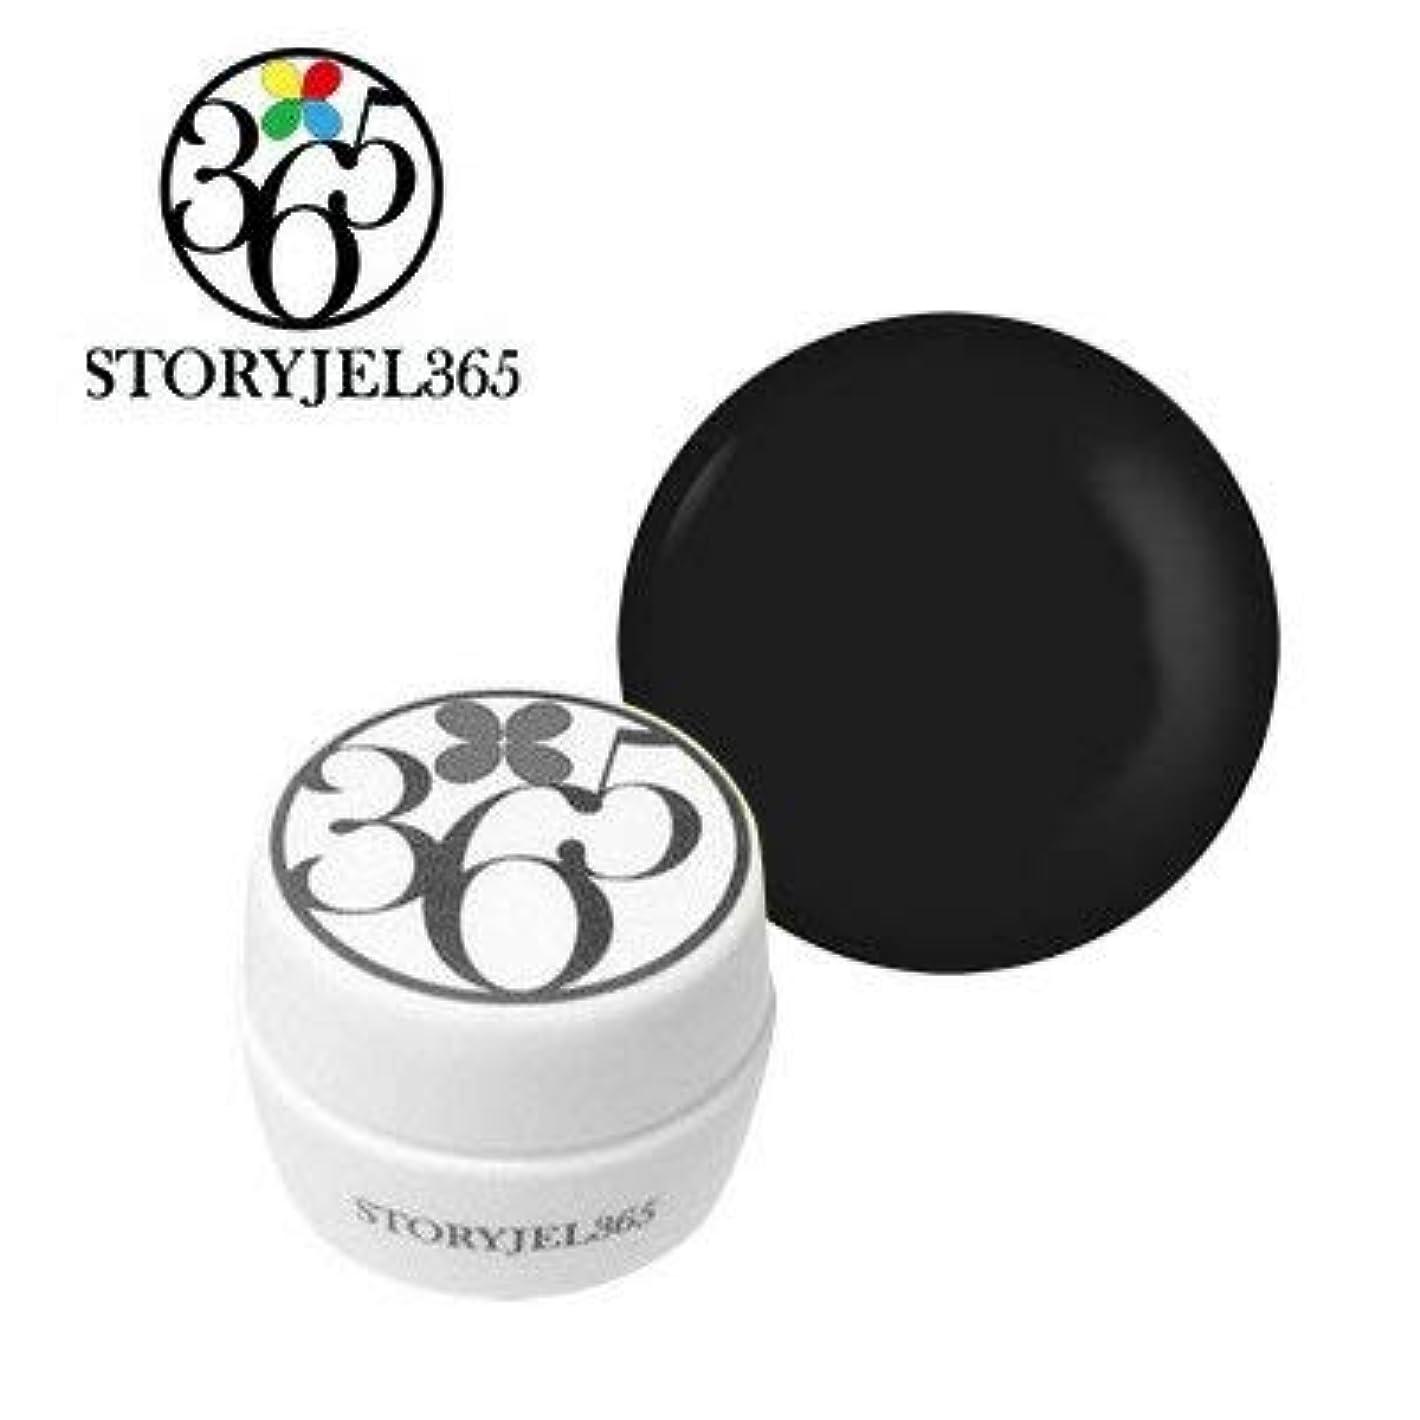 同僚スツール擬人化STORYJEL365 カラージェル 5g (ストーリージェル) SJS-301M-D 聖なる石